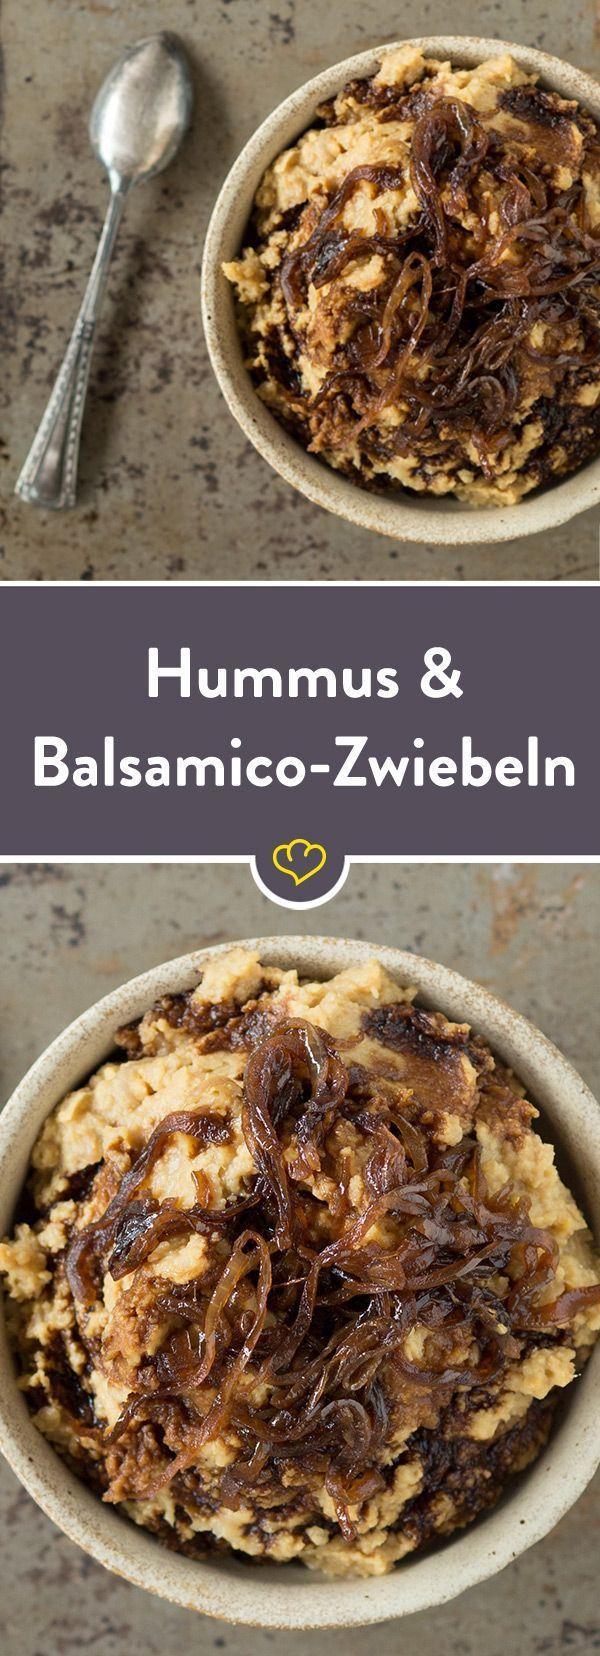 Hummus mit karamellisierten Balsamico-Zwiebeln